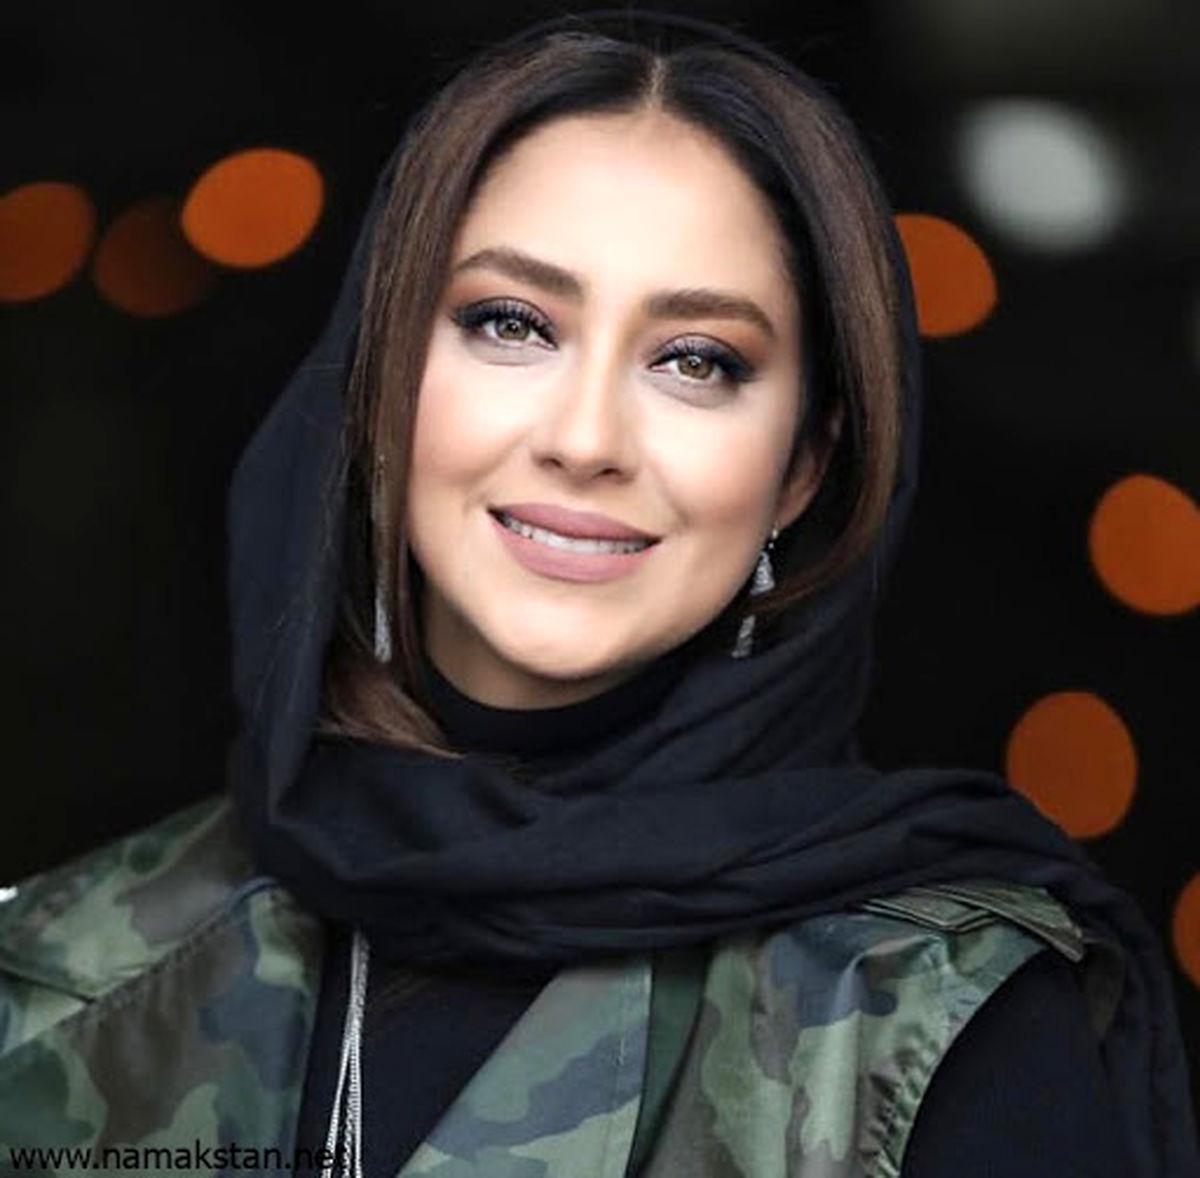 بهاره کیان افشار در بین ۱۰ زن زیبای مسلمان + عکس